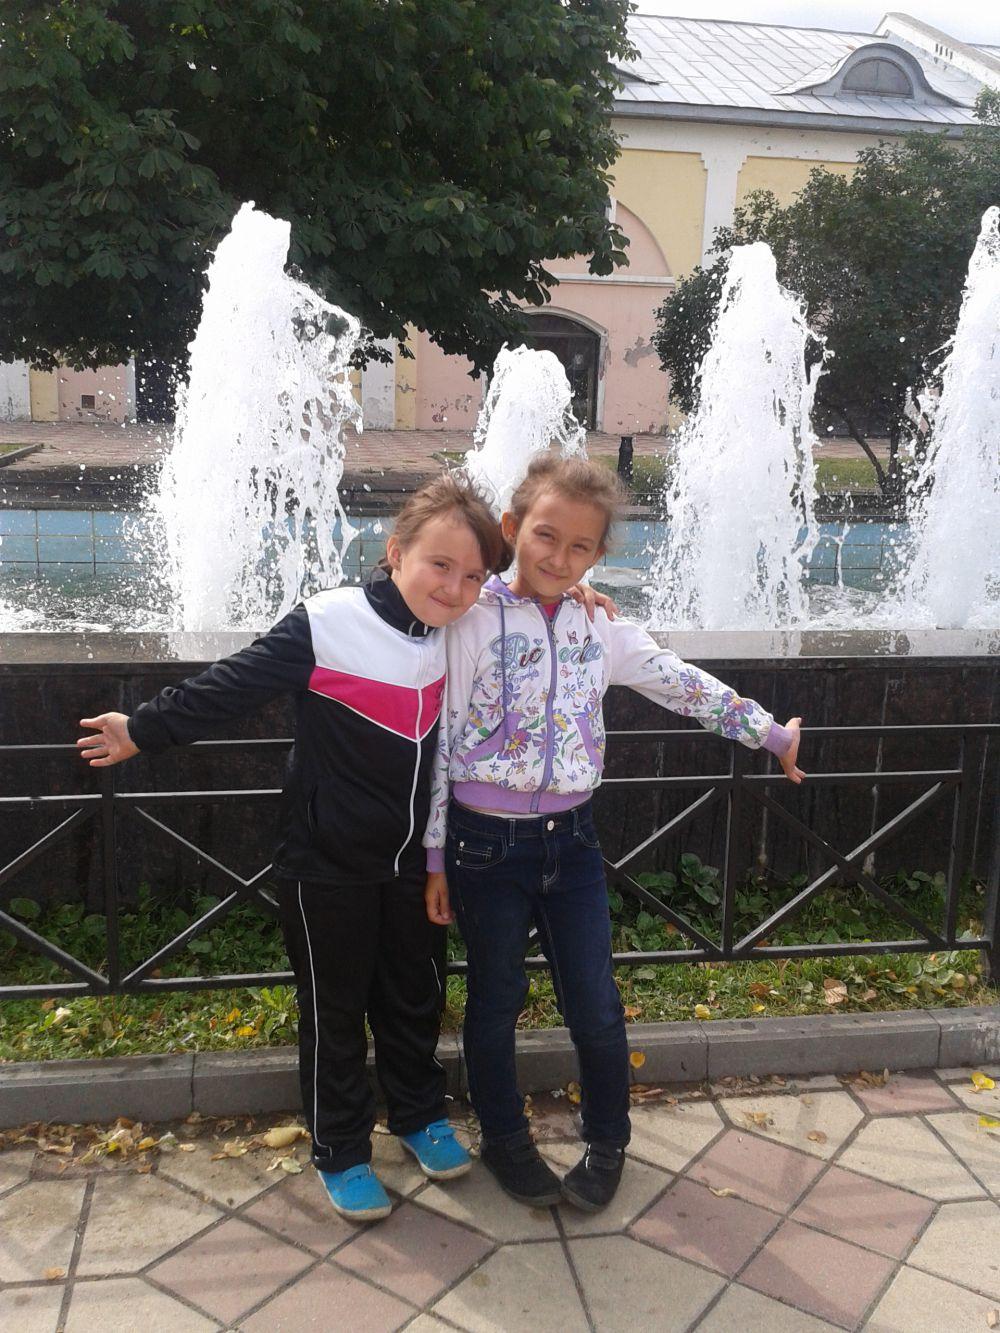 Фото Алены Зайцевой - 3 место от «Трогательного зоопарка» в конкурсе «Улыбнись городу».